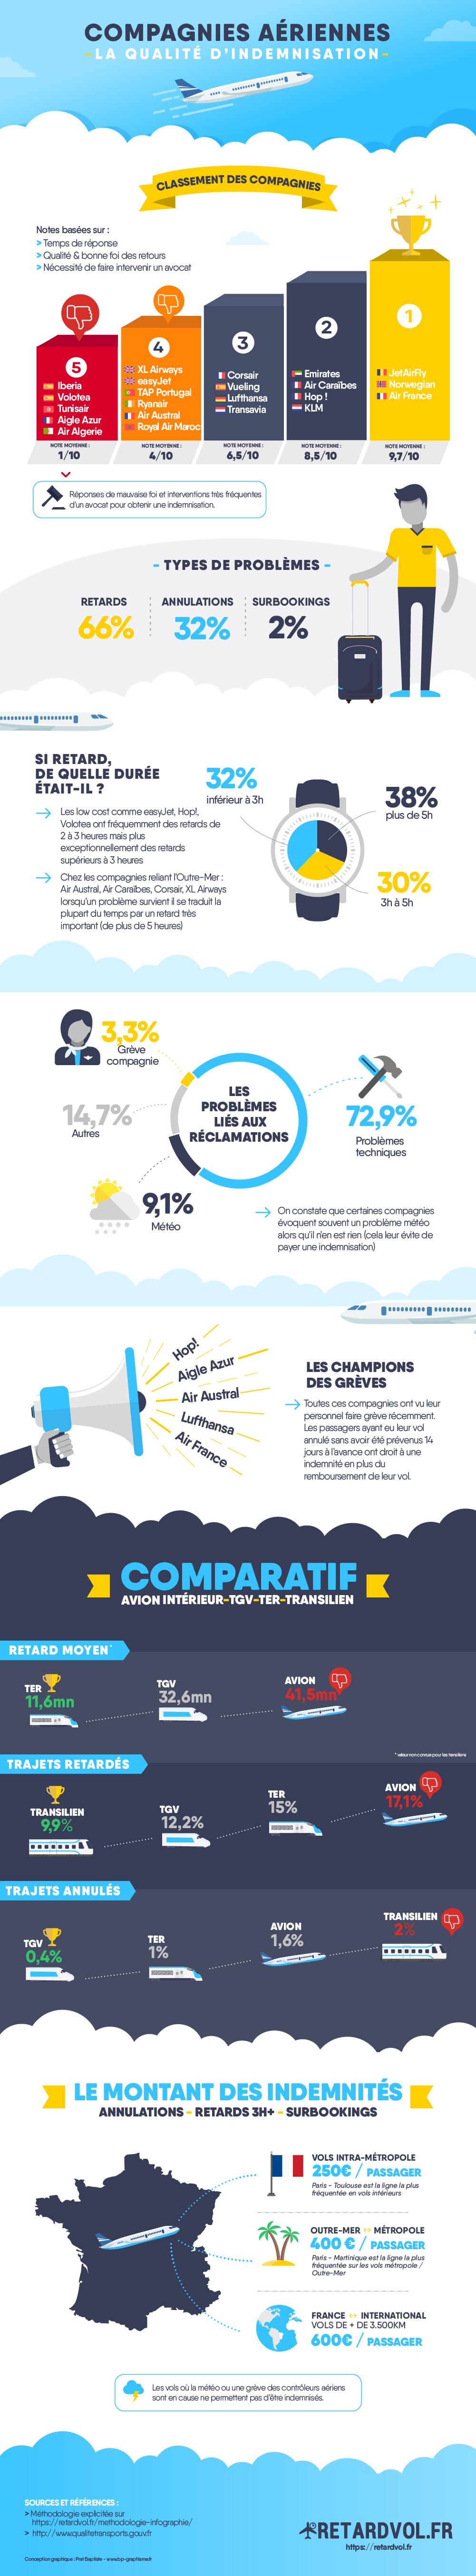 infographie : La qualité d'indemnisation des compagnies aériennes